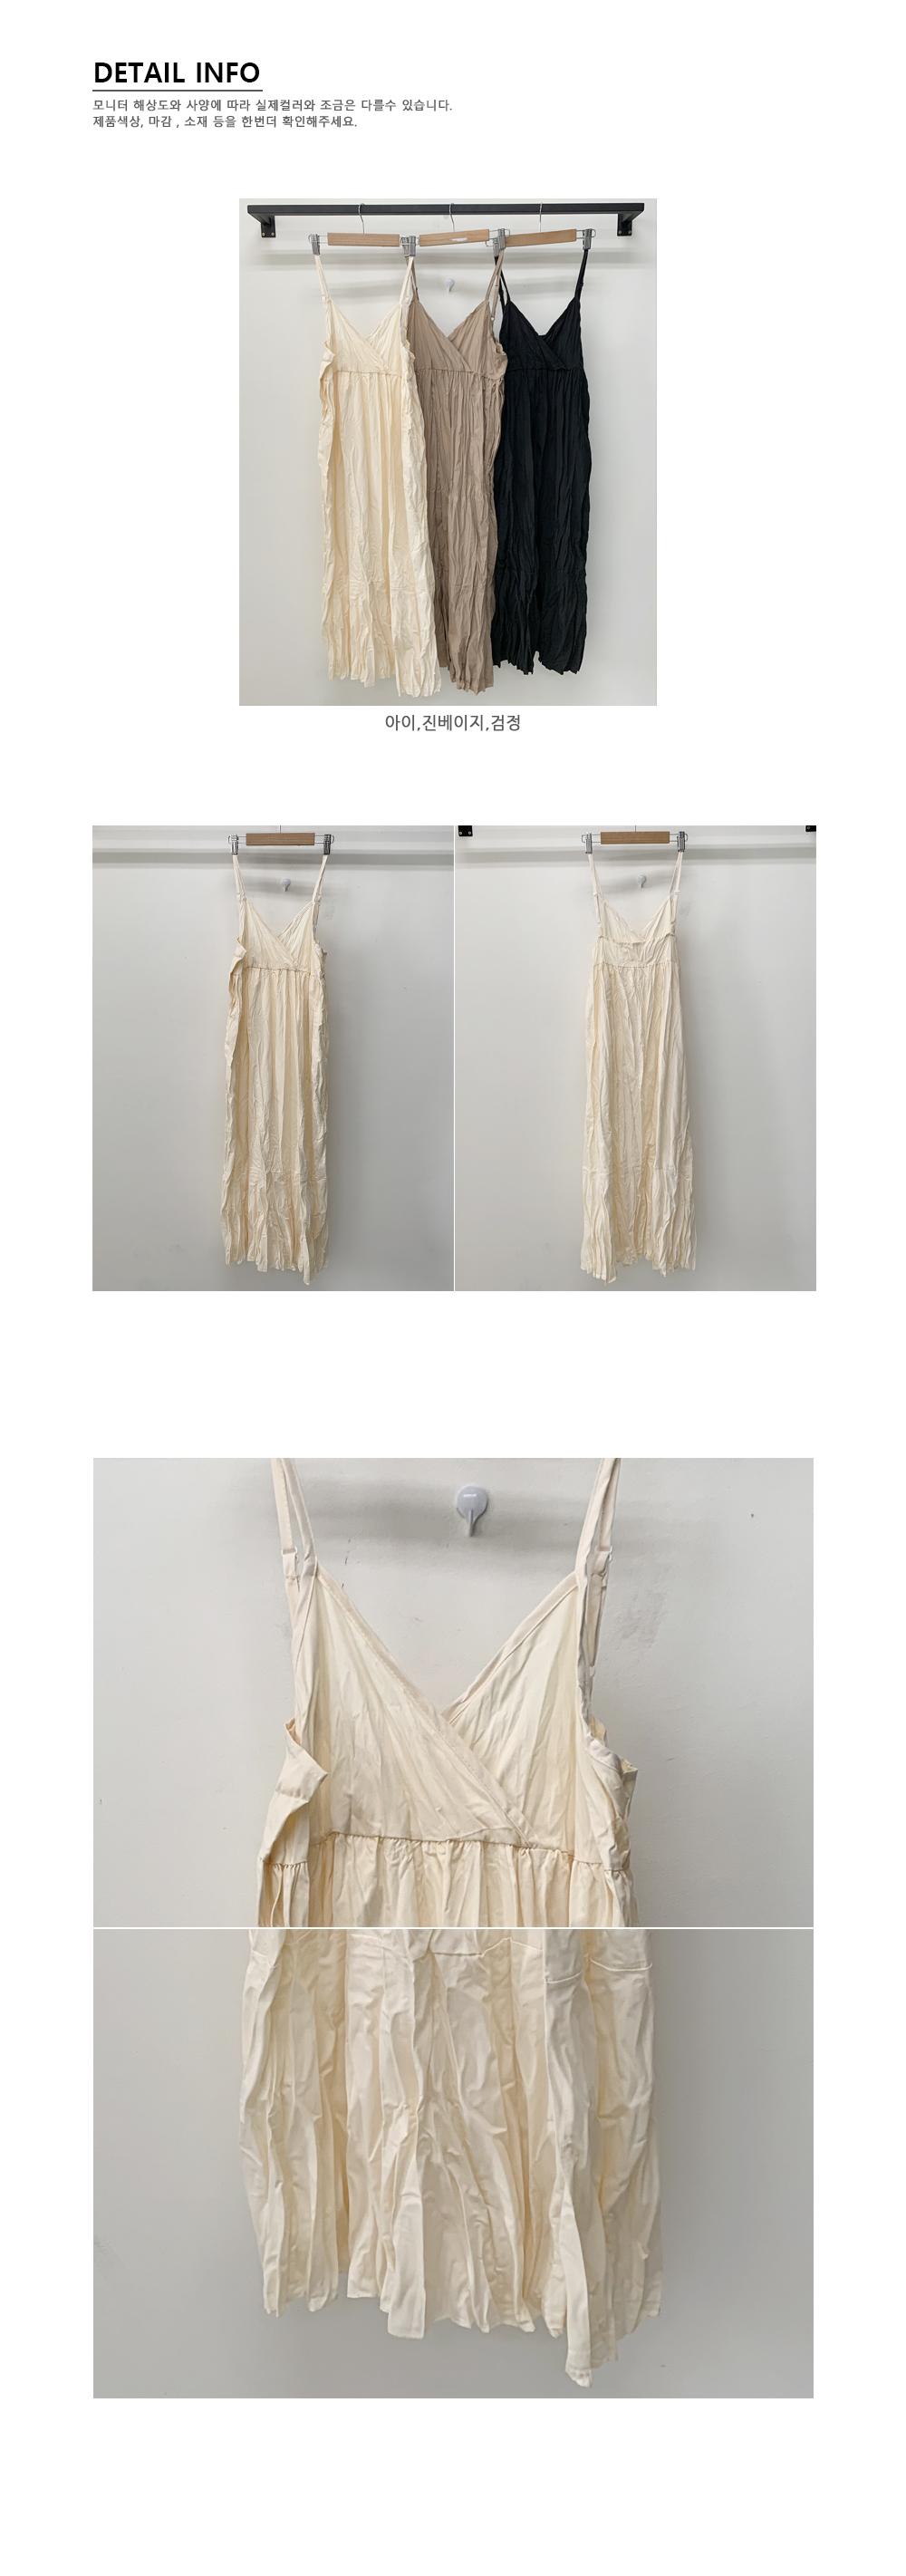 Wonder wrinkle bustier dress